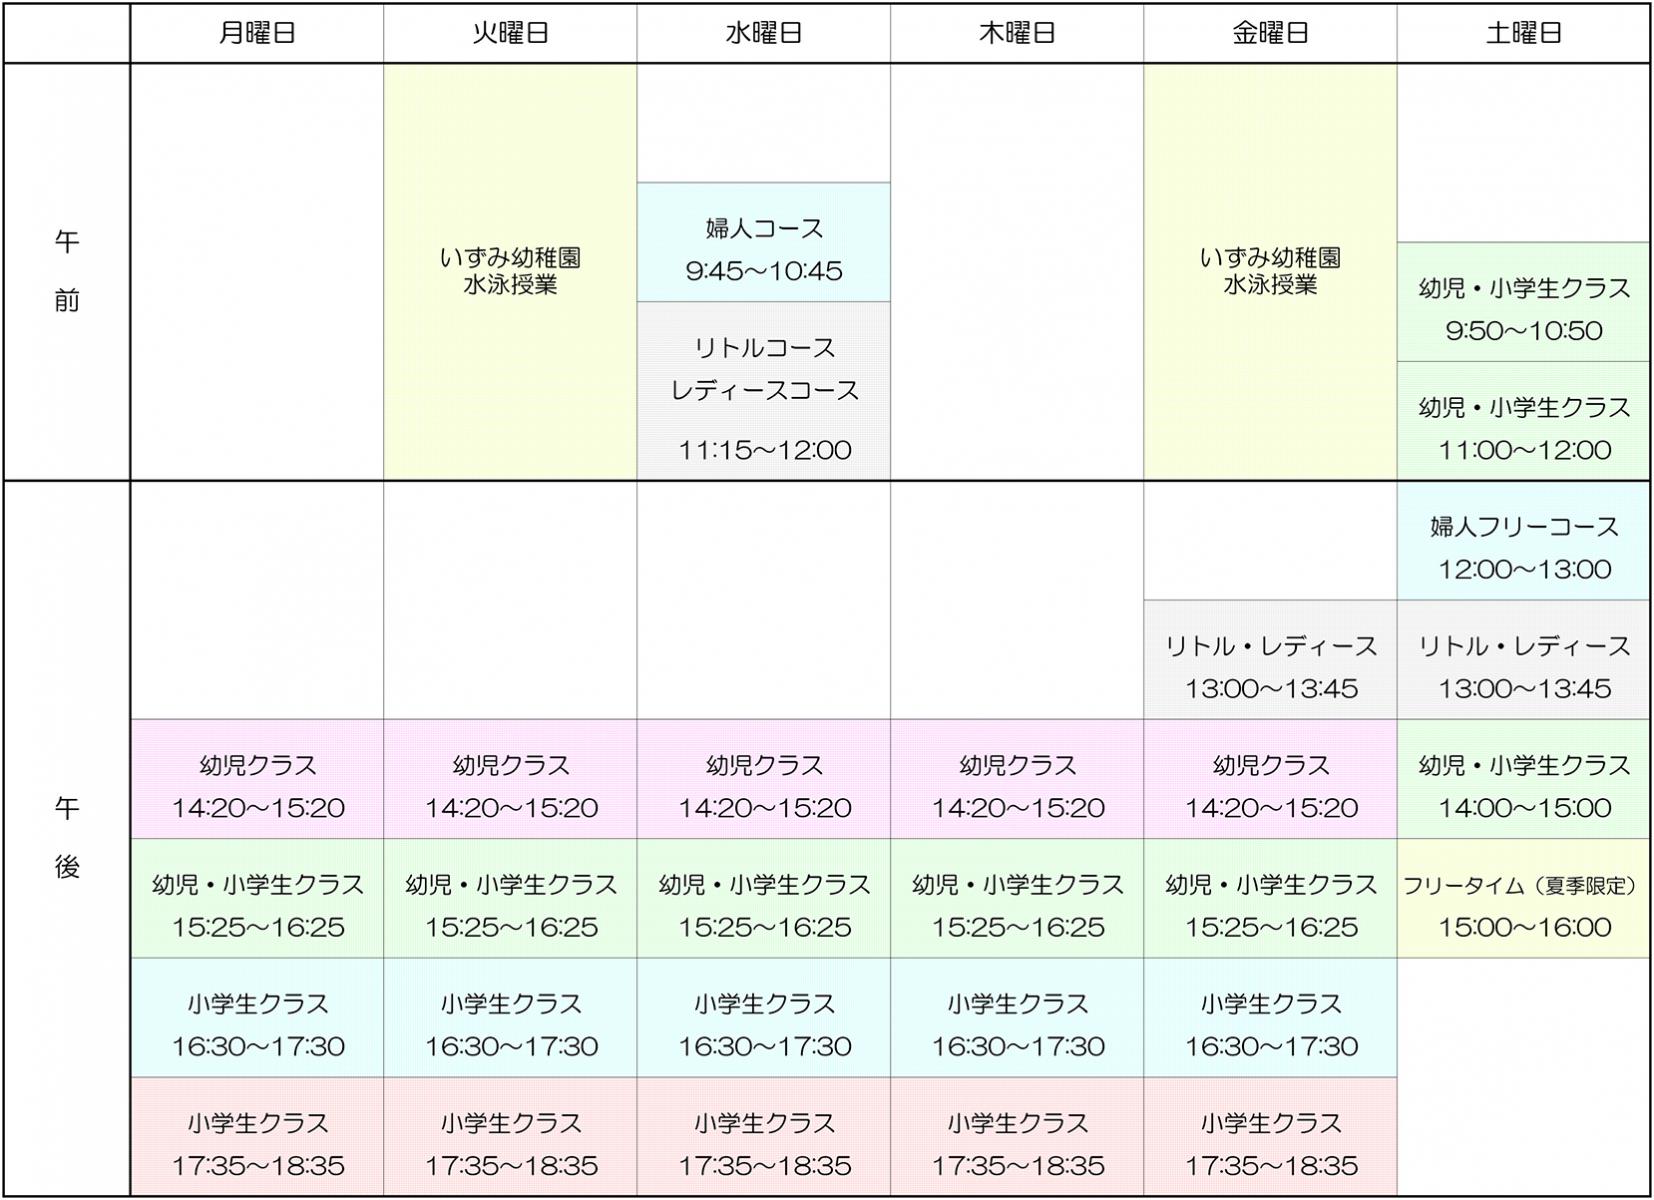 いずみss コース表